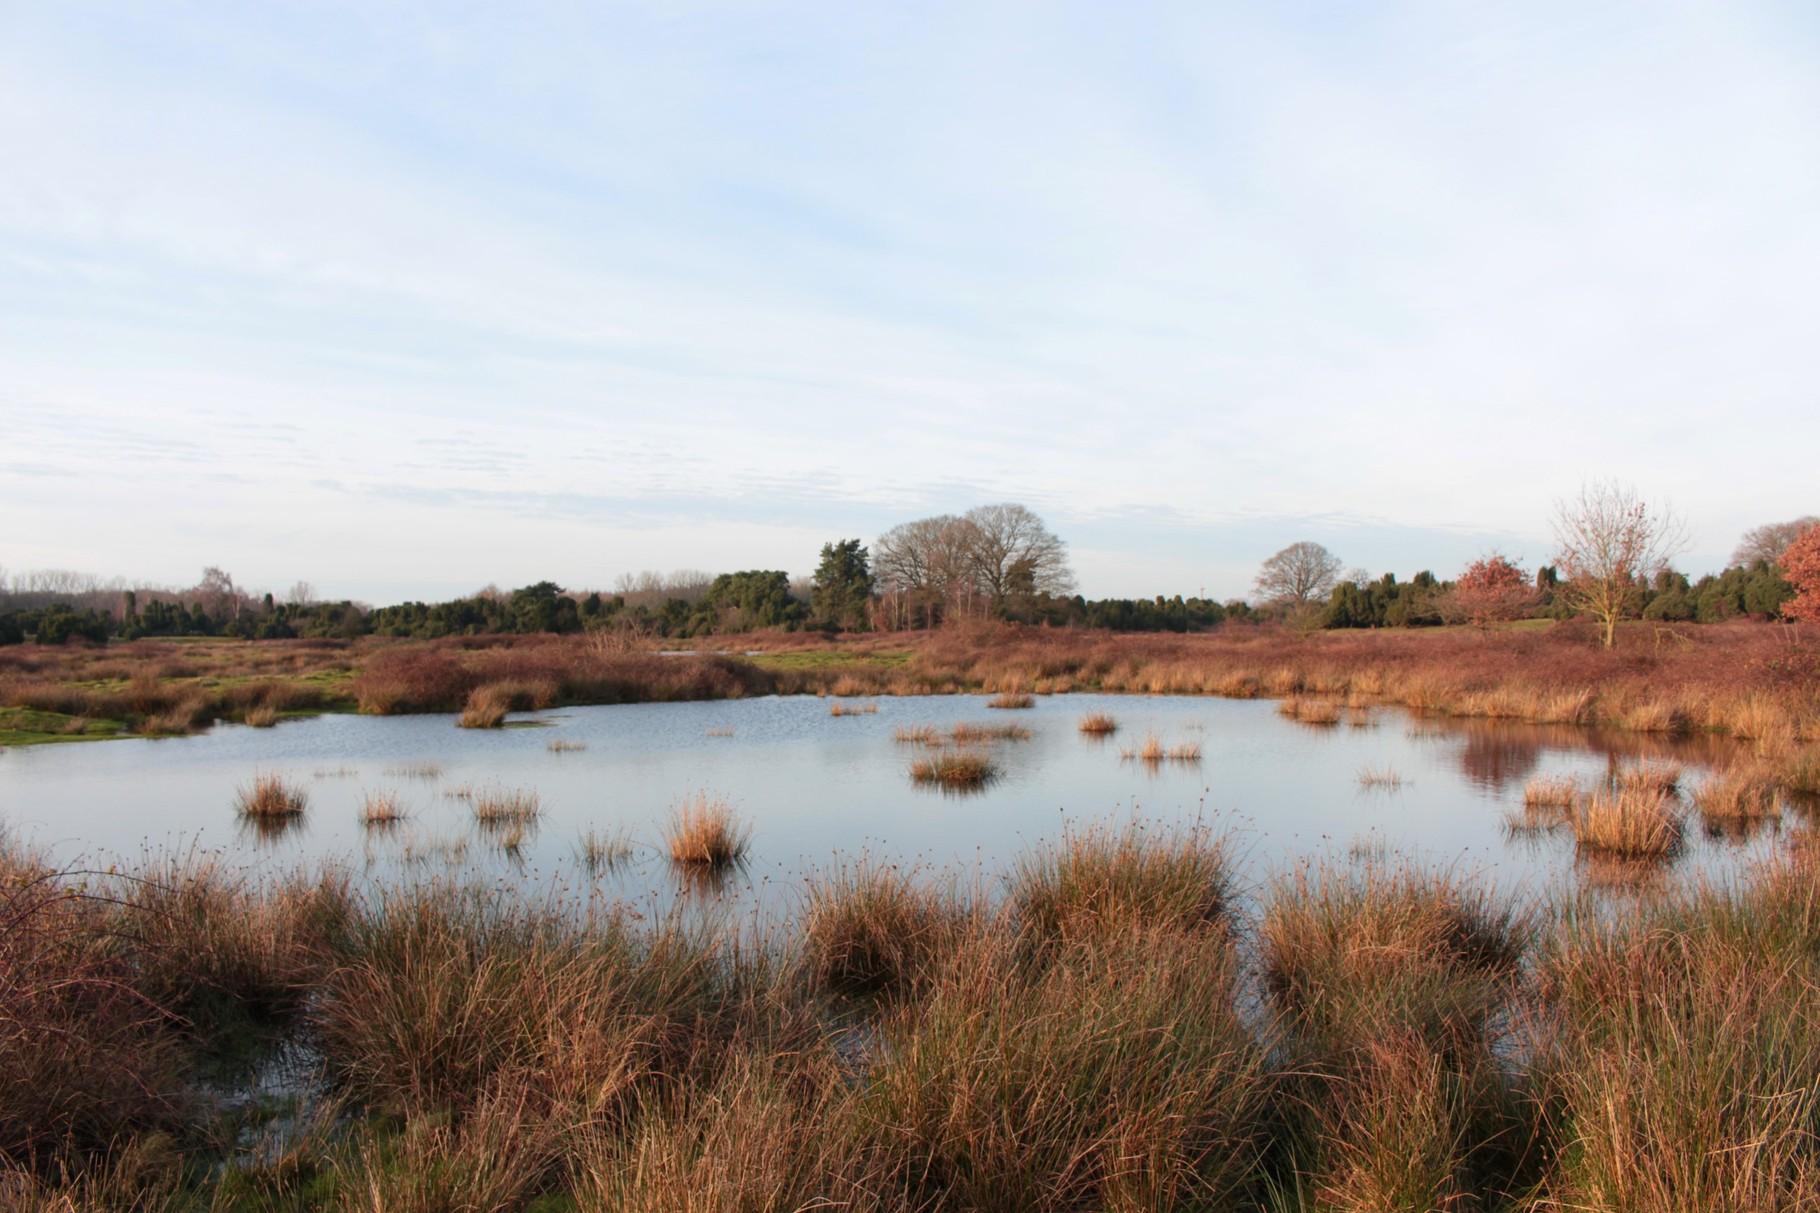 Gewässer sind Lebensraum für Amphibien und Libellen (Foto: C.Marien)